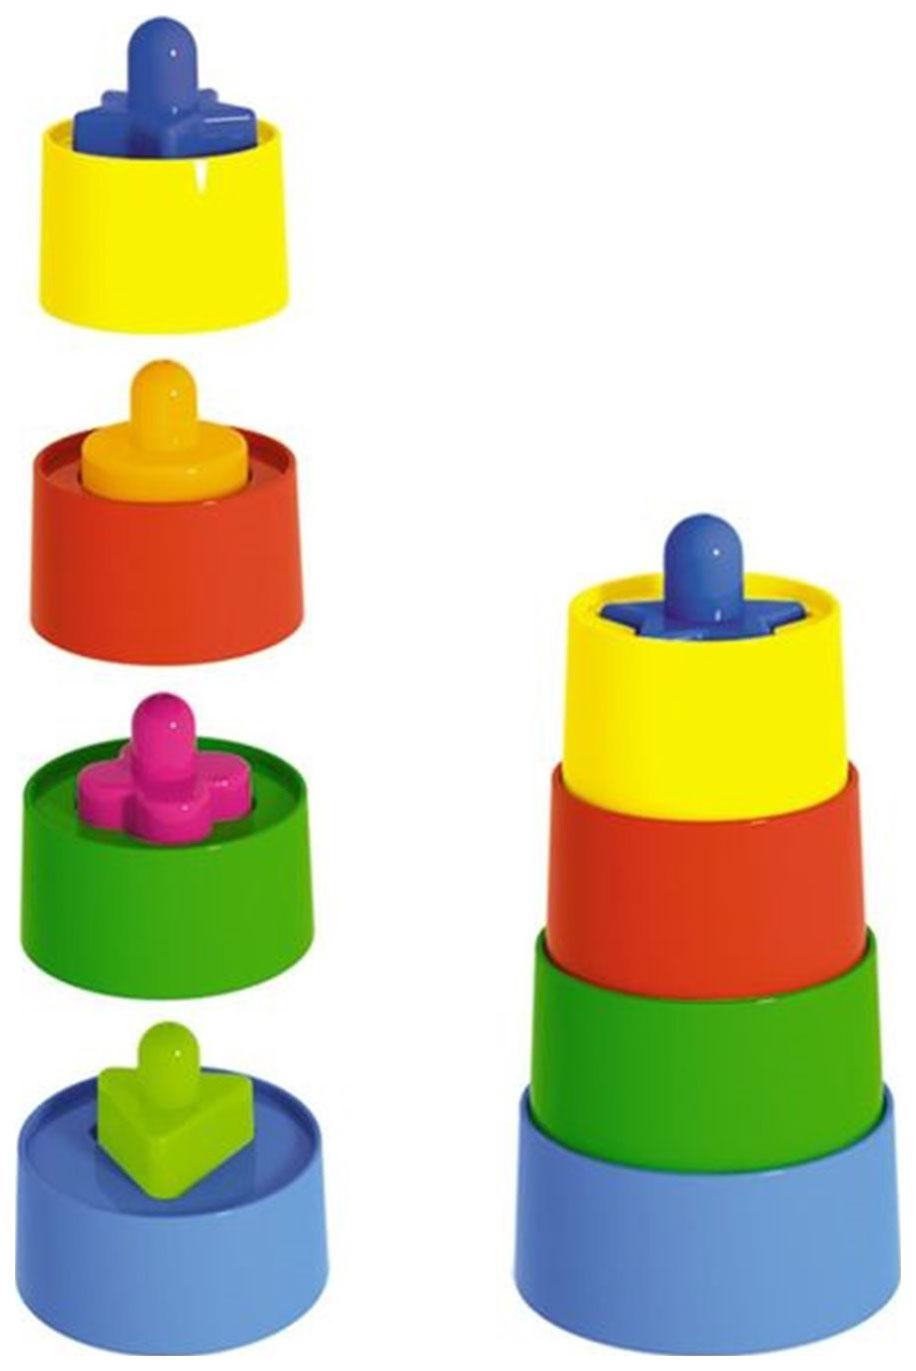 Купить Развивающая игрушка Stellar Пирамидка с сортером Матрешка, Пирамидки для детей